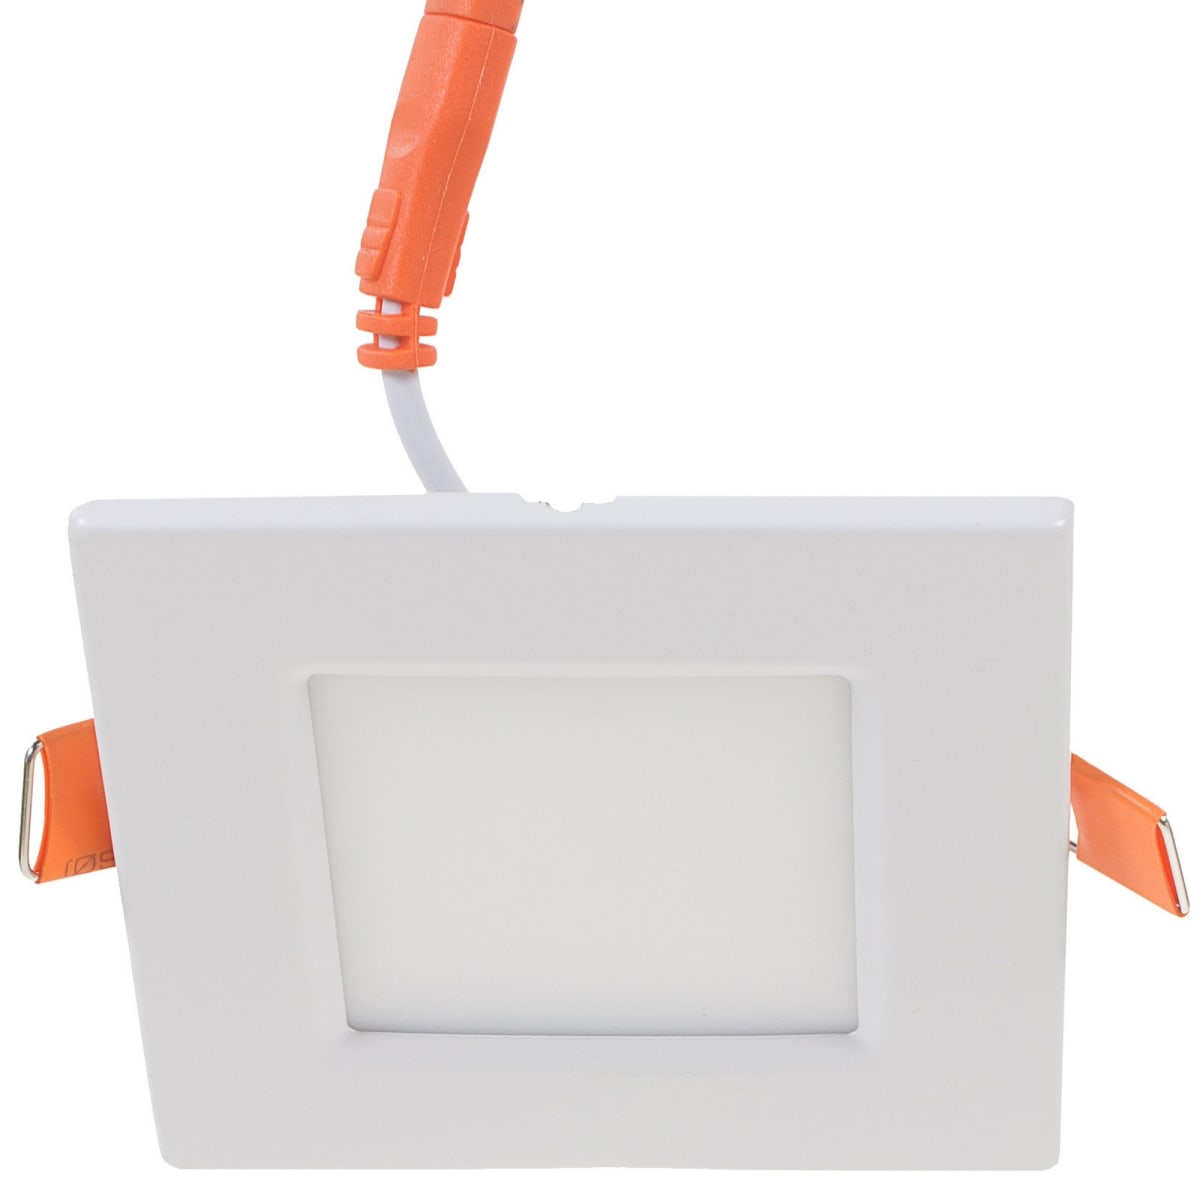 Светильник светодиодный встраиваемый квадратный 3 Вт, 4000K, 8,5 см, цвет белый, свет холодный белый